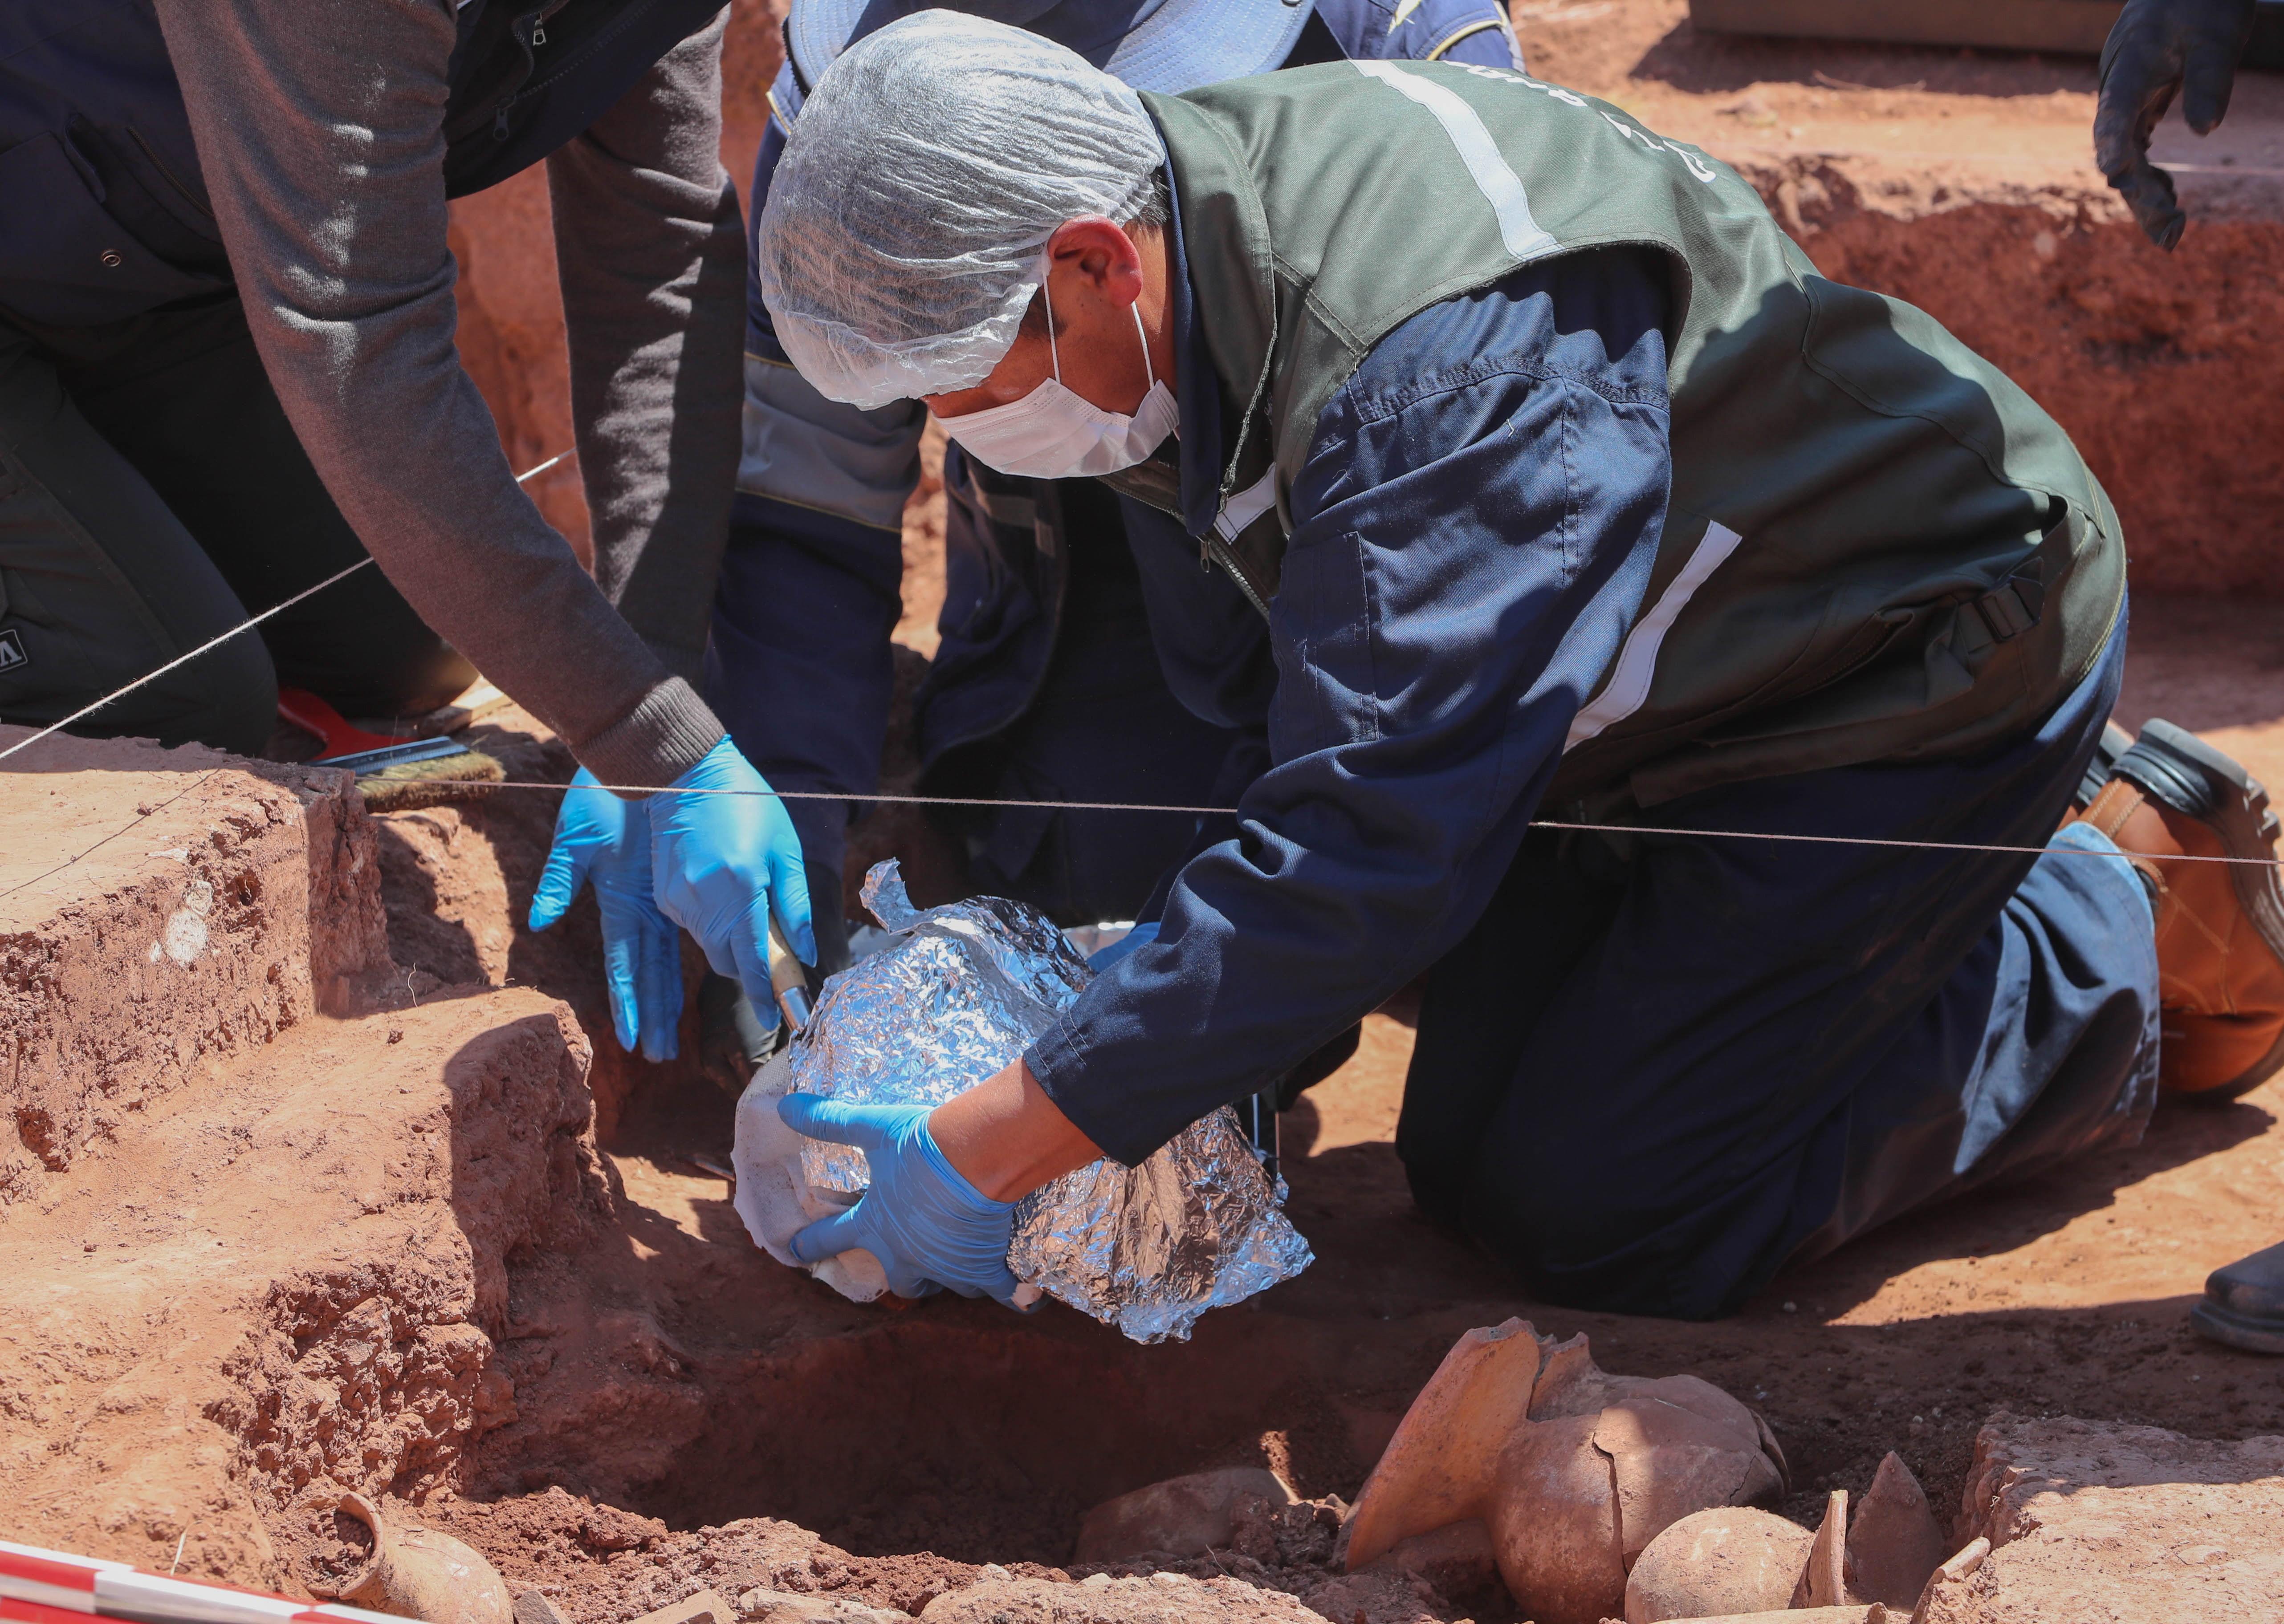 고고학자가 조심스럽게 유물을 발굴하고 있다. EPA/연합뉴스 제공